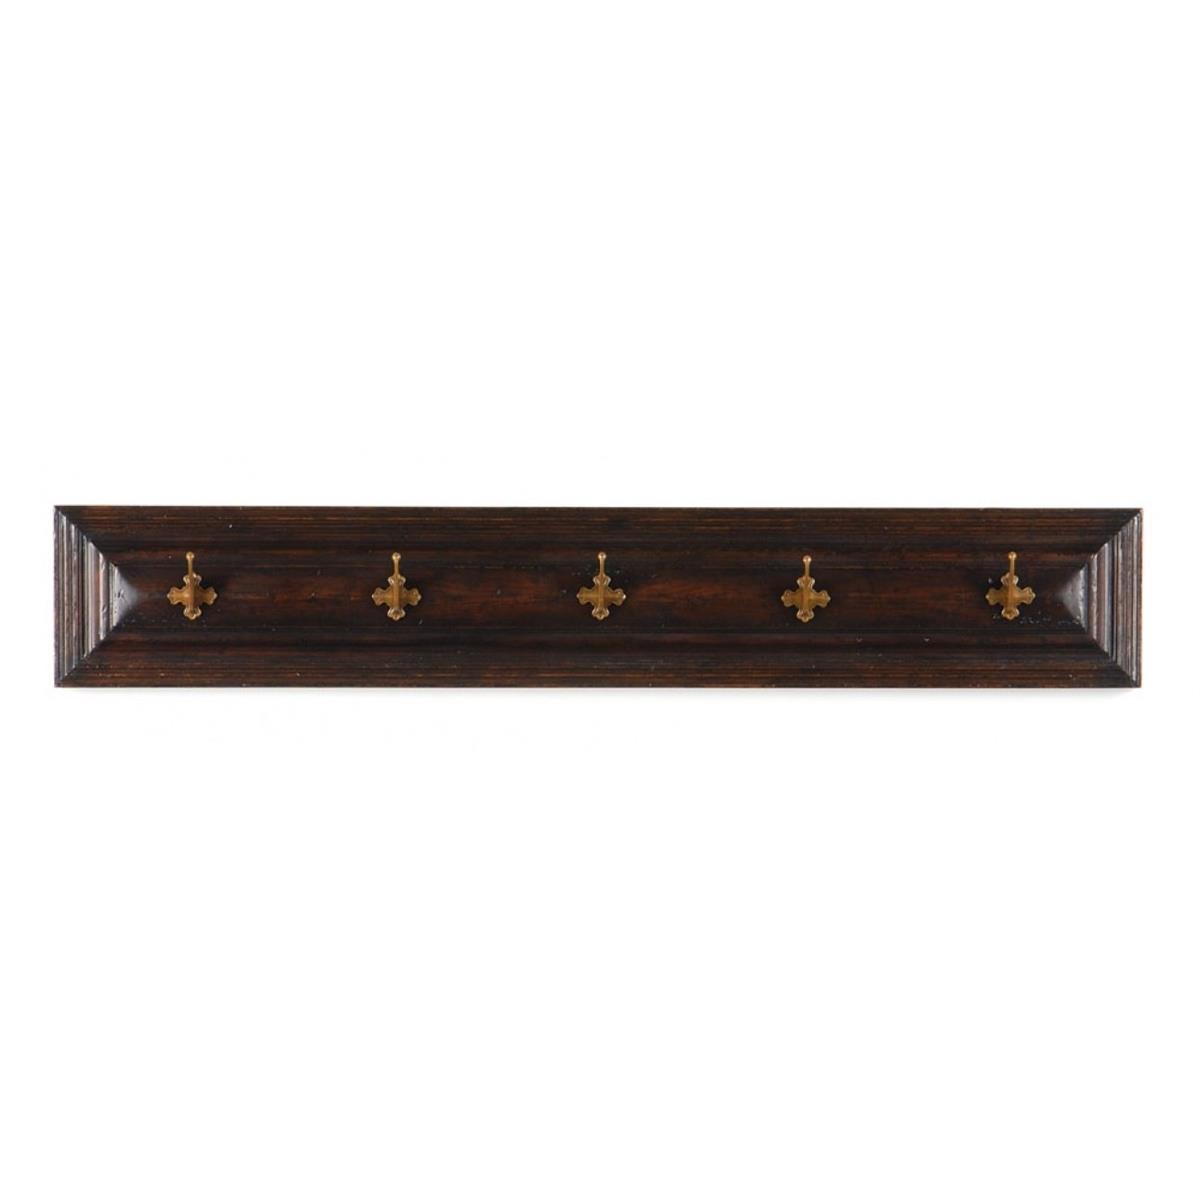 493318 Oak Wall Mounted Coat Hanger - на 360.ru: цены, описание, характеристики, где купить в Москве.